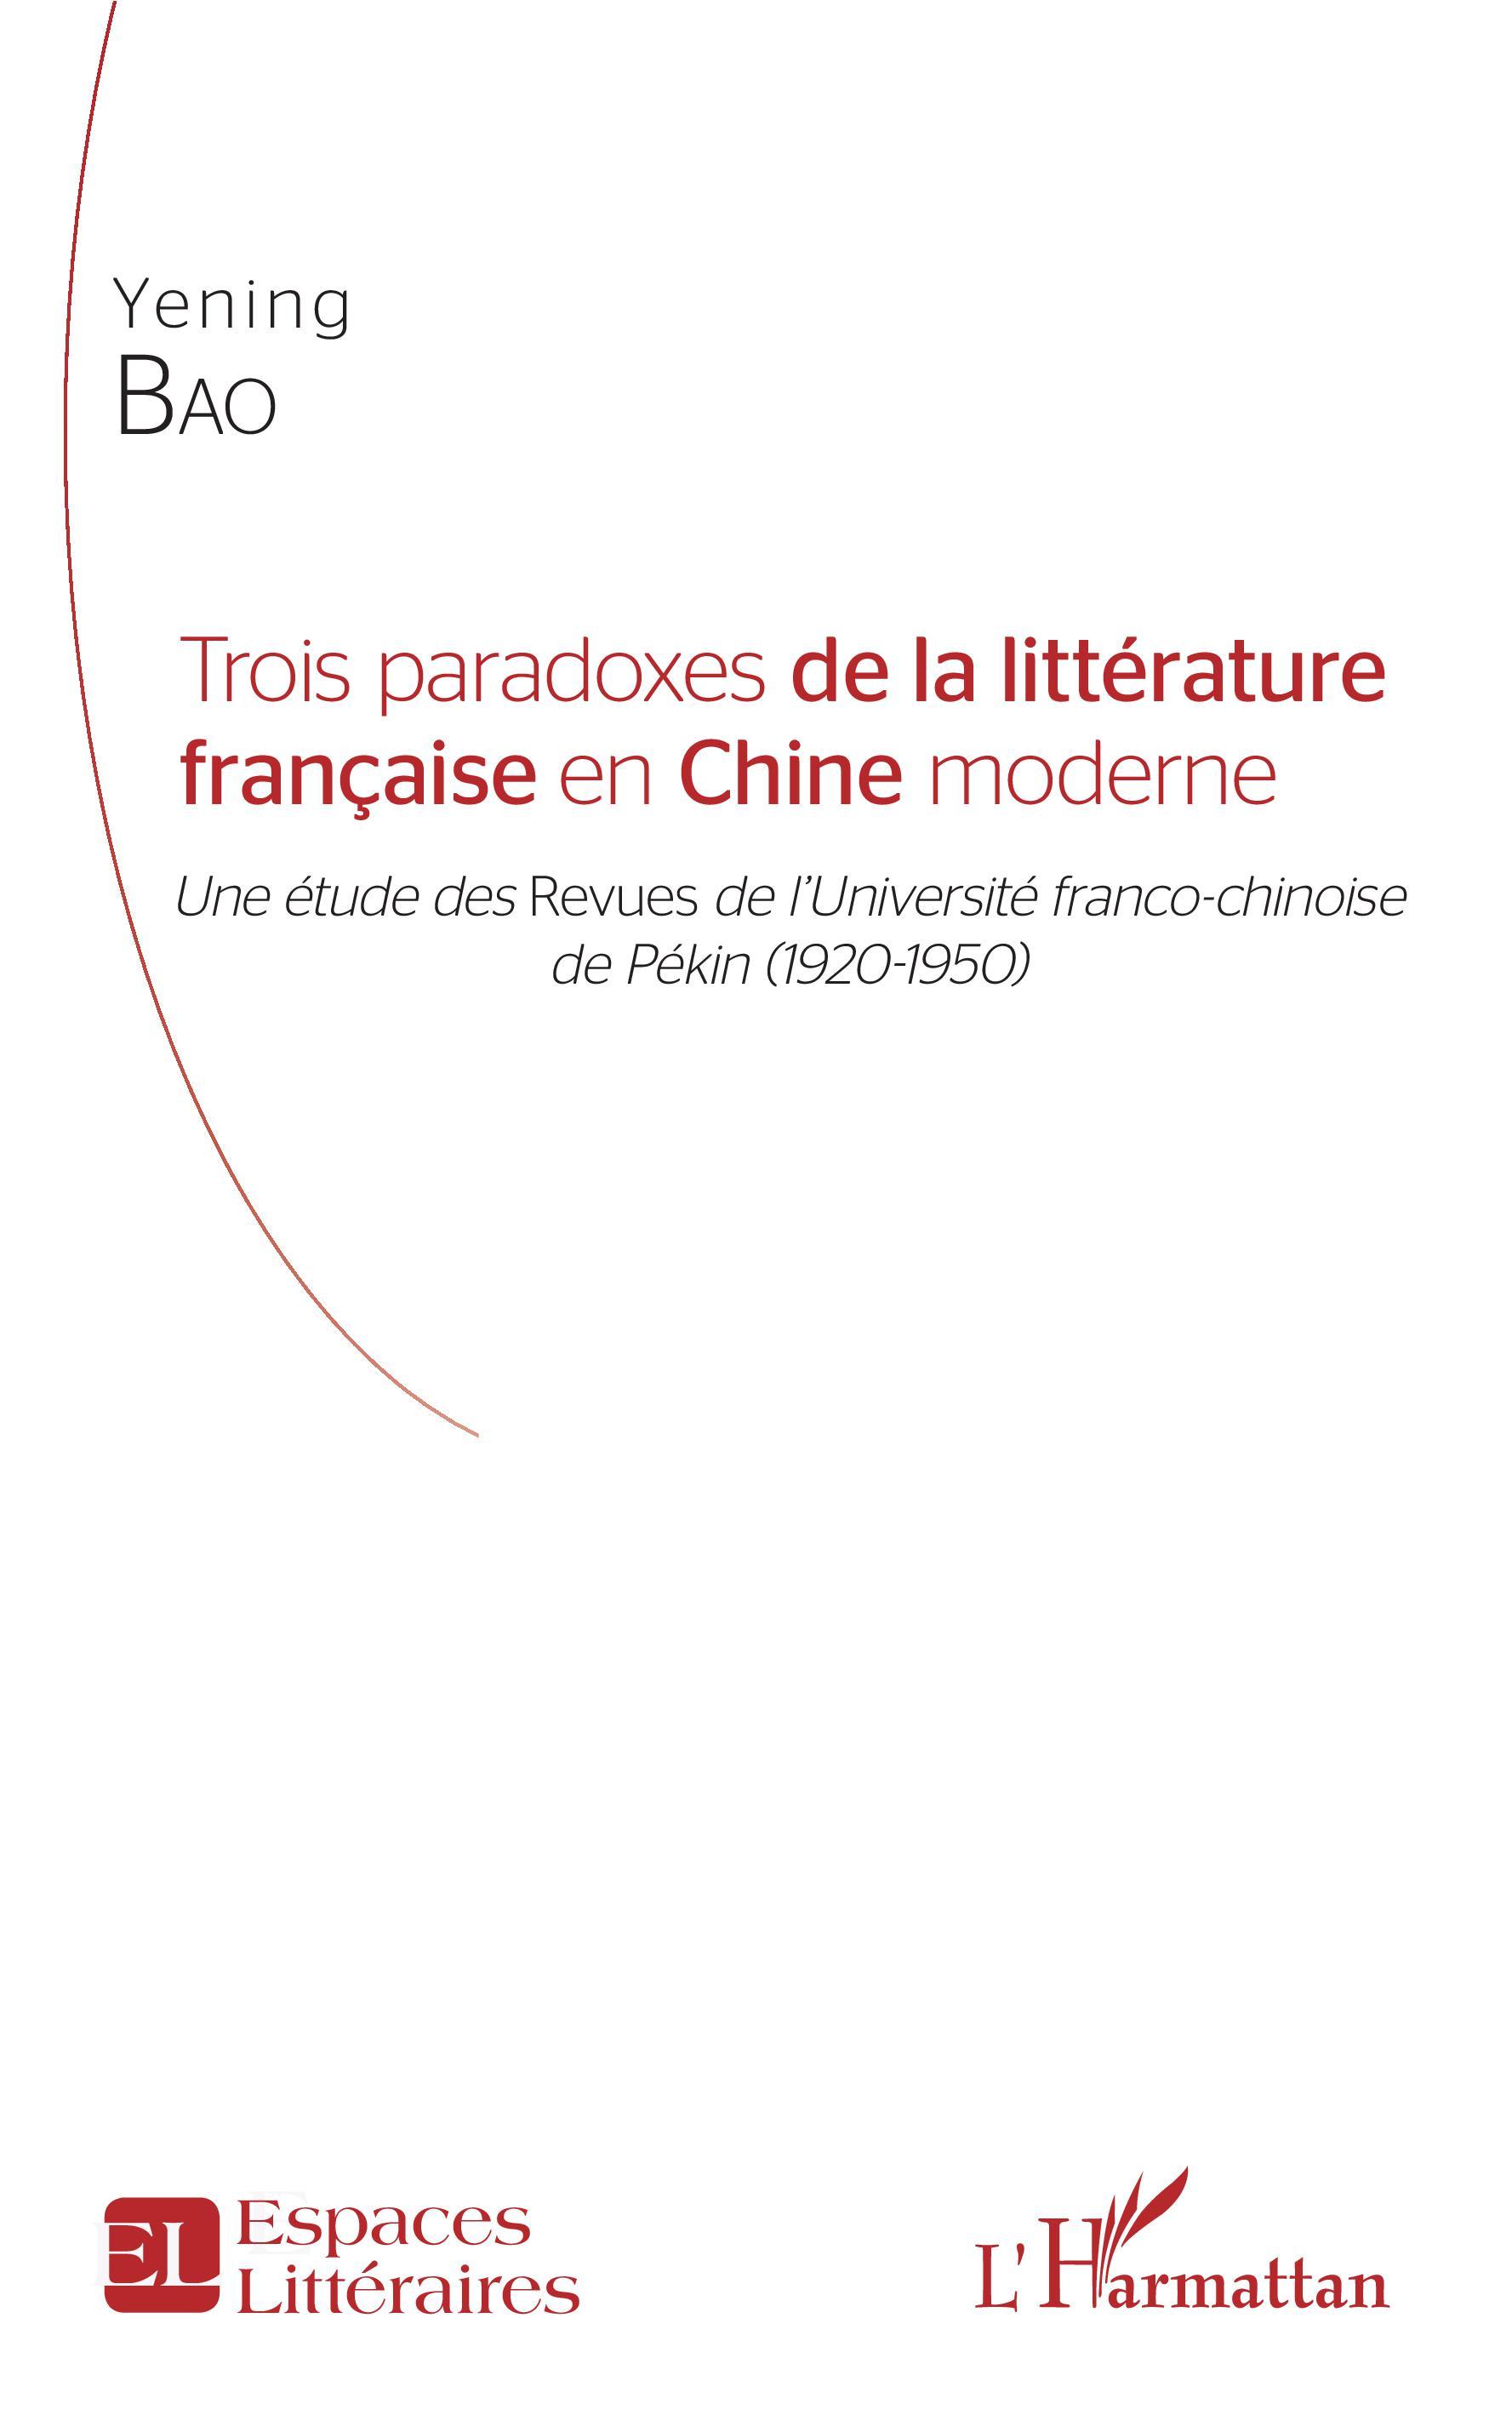 Y. Bao, Trois paradoxes de la littérature française en Chine moderne